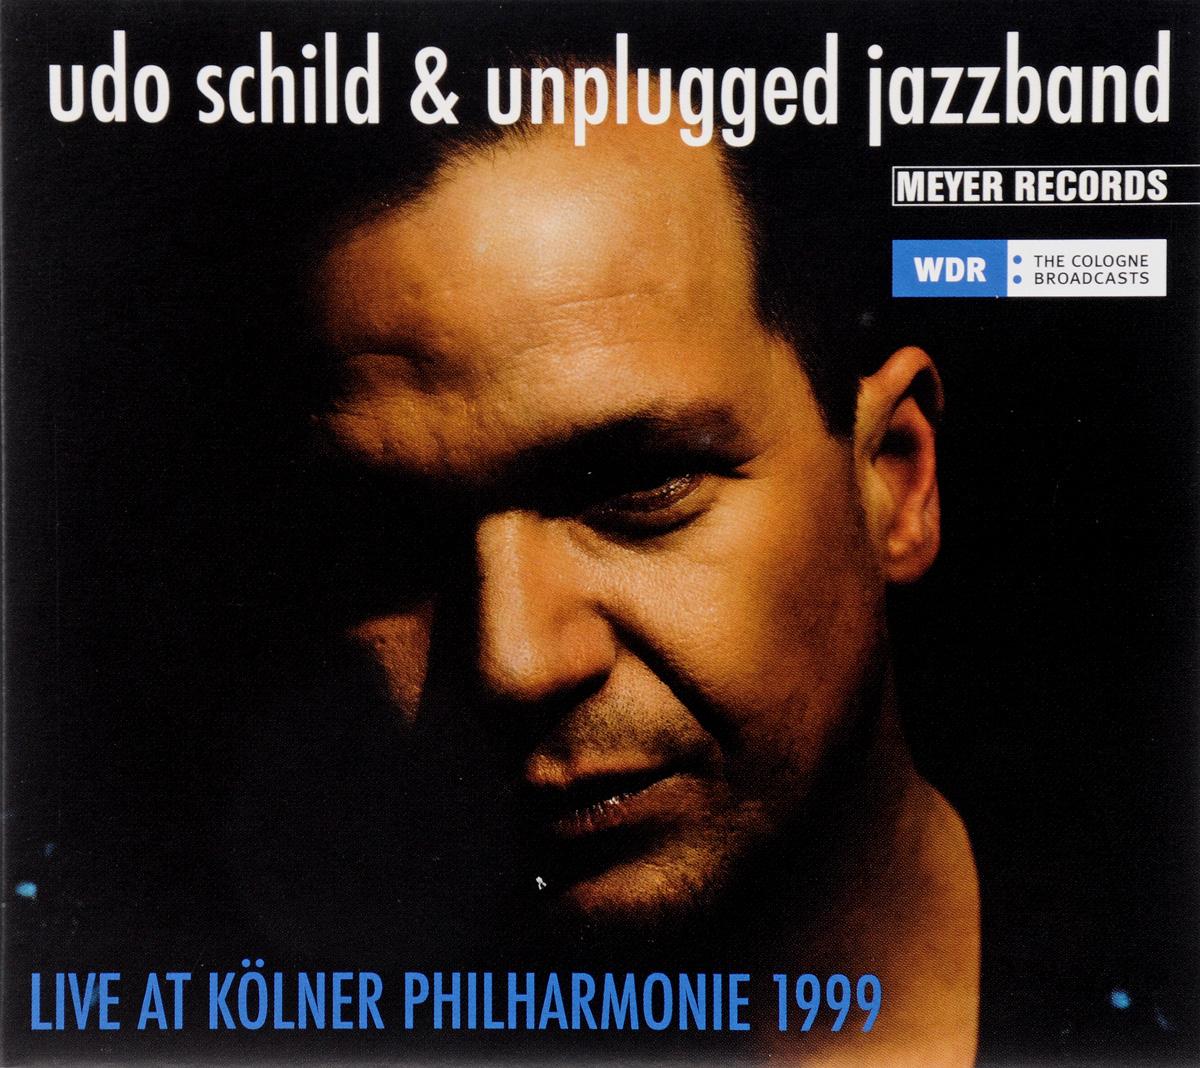 Udo Schild & Unplugged Jazzband. Live At Koelner Philharmonie 1999